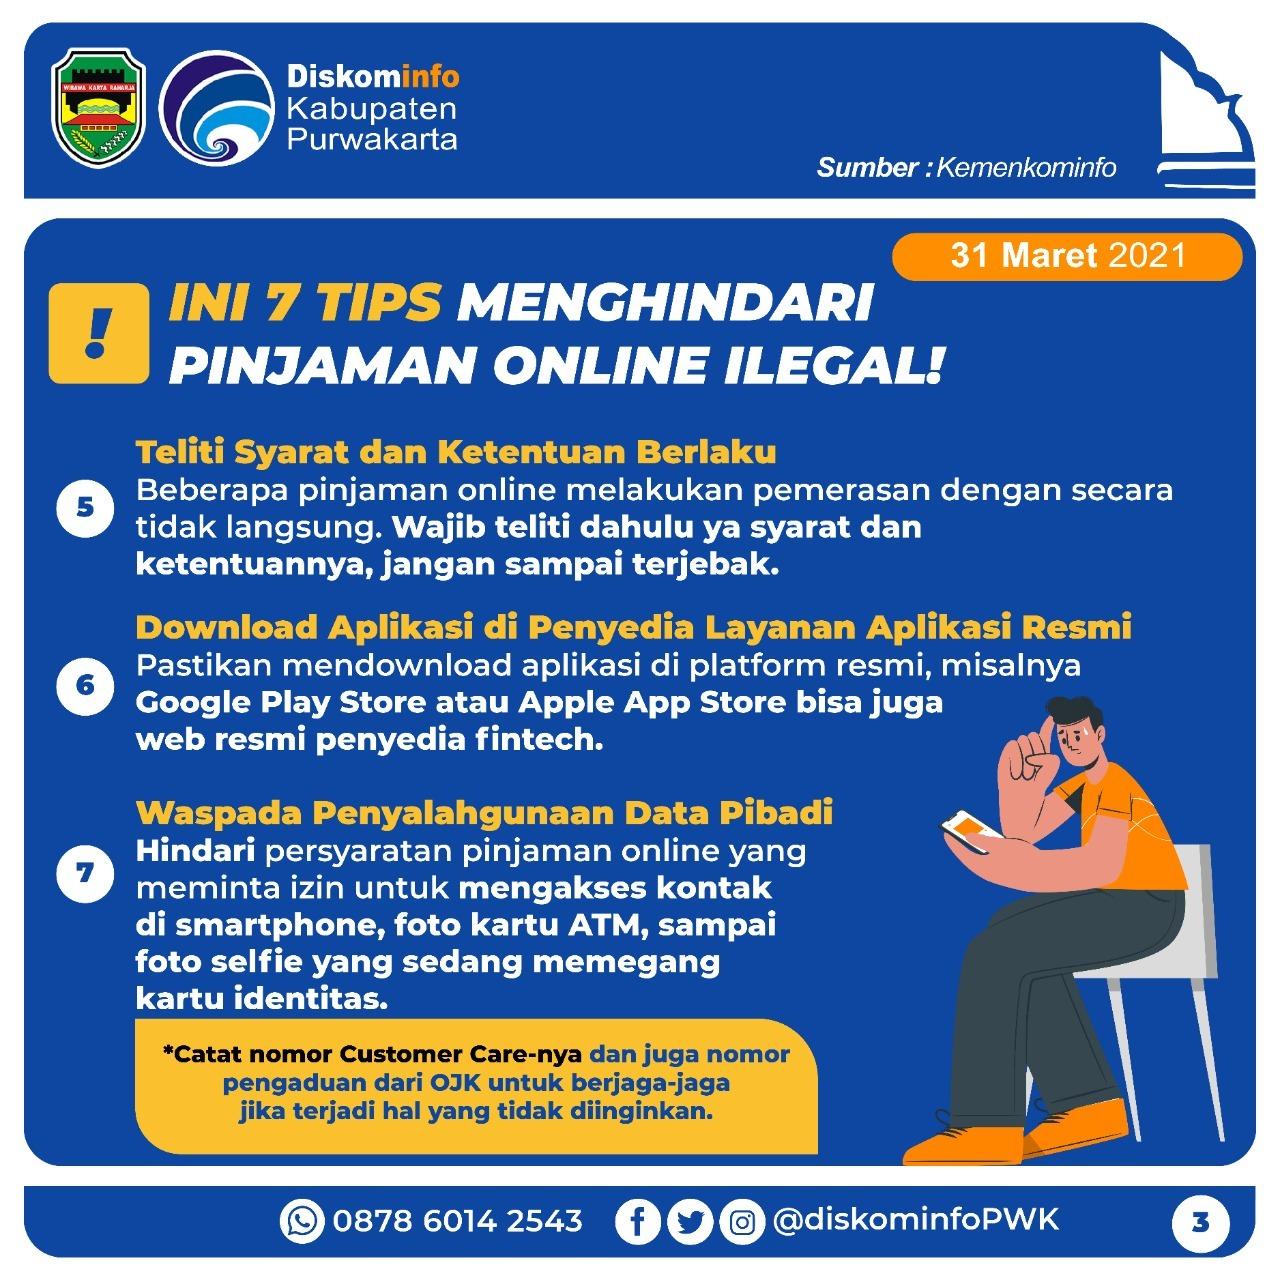 Tips Menghindari Pinjaman Online Ilegal